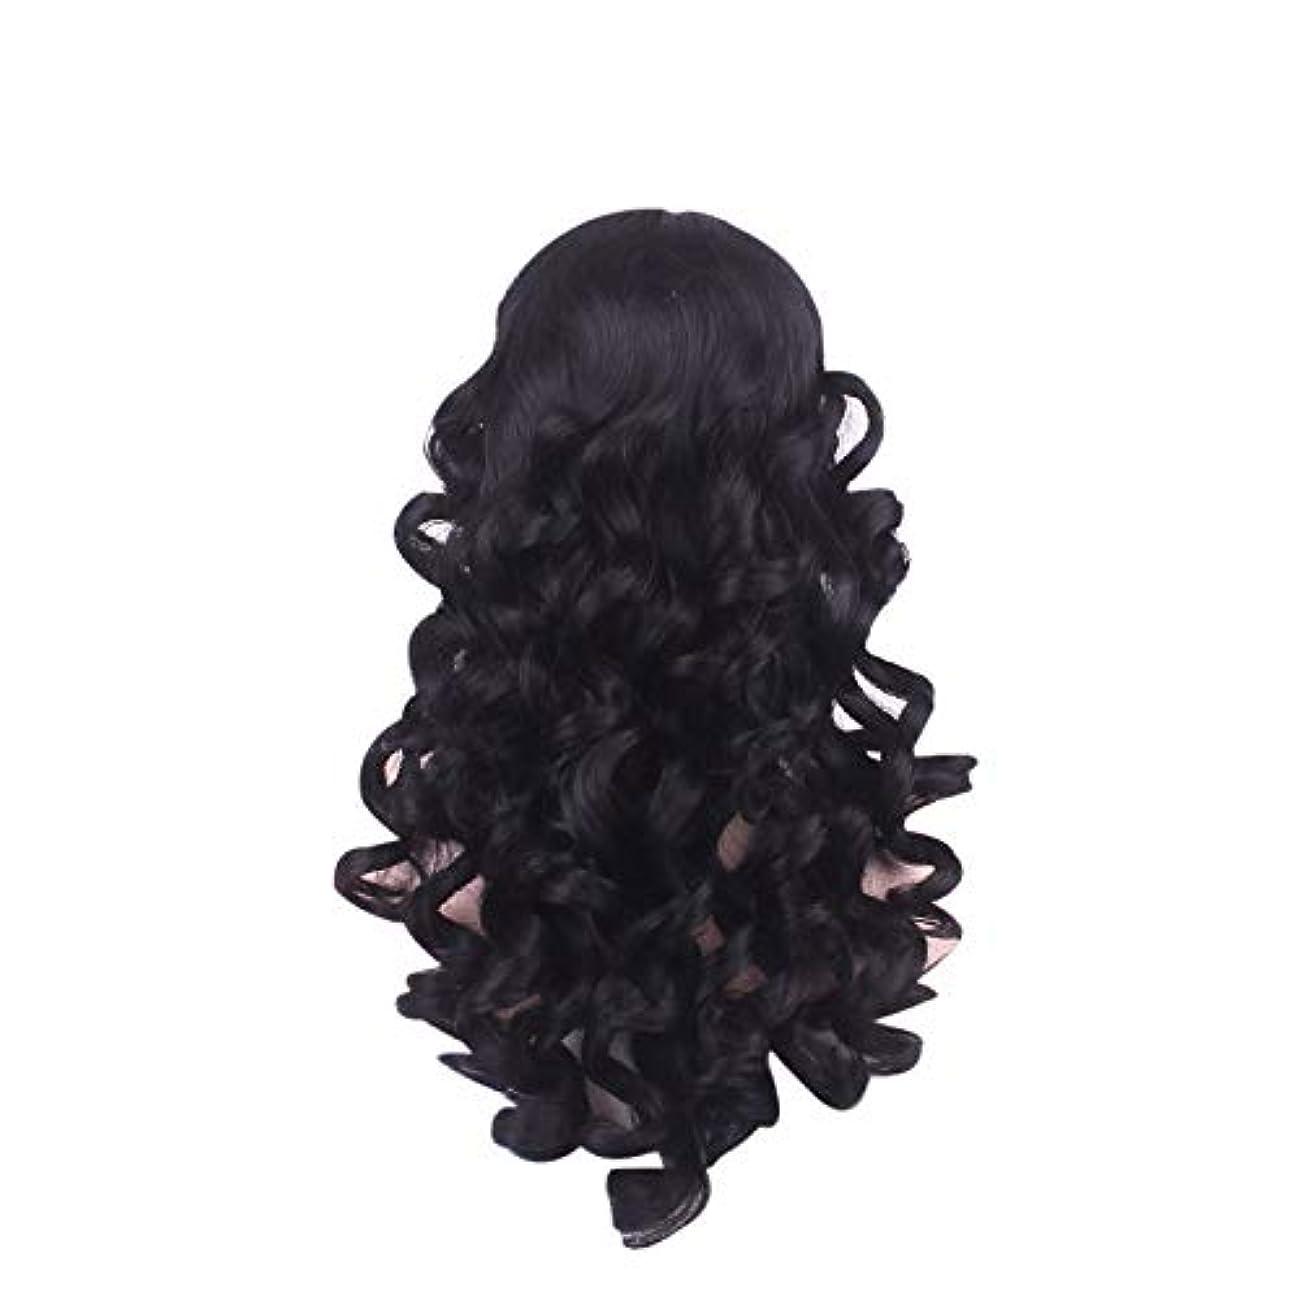 第二スーパーマーケットあえぎ女性の長い巻き毛のファッションかつらローズネット65 cm